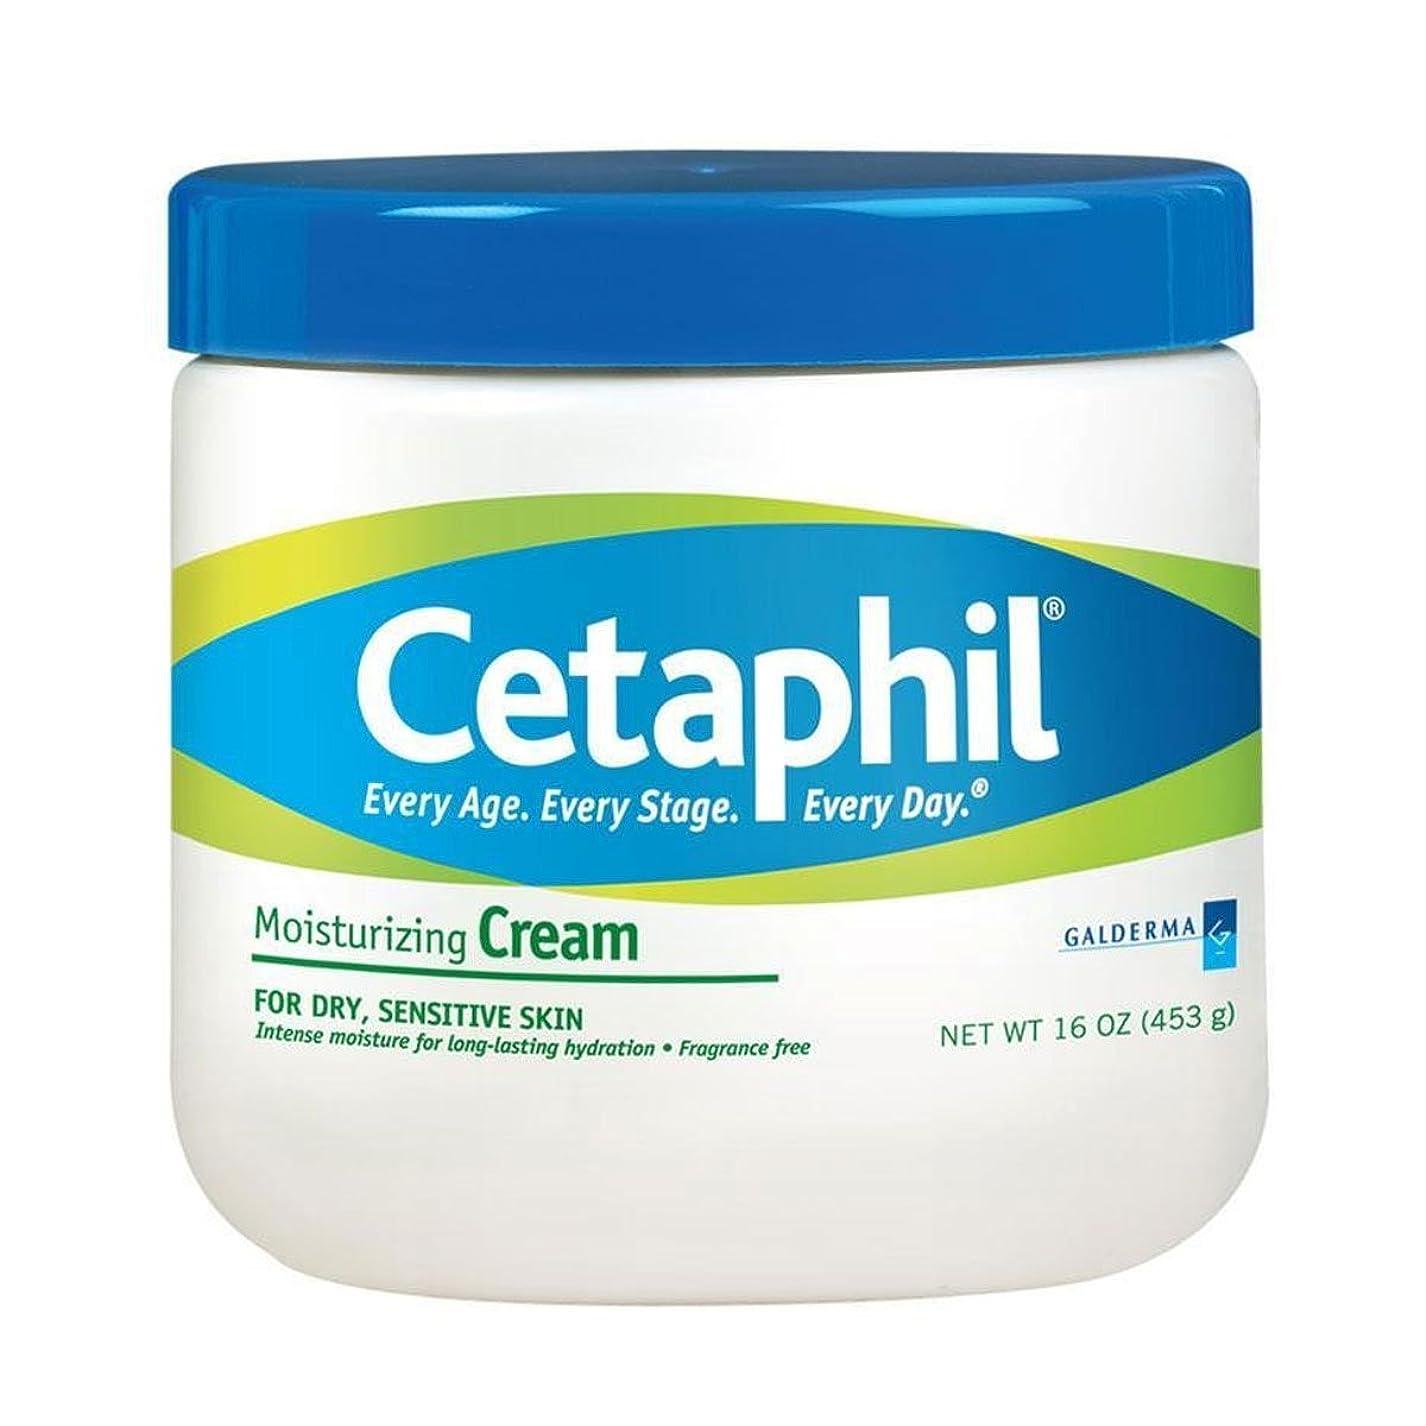 レギュラーサイズイディオムCetaphil Moisturizing Cream 453g [並行輸入品]